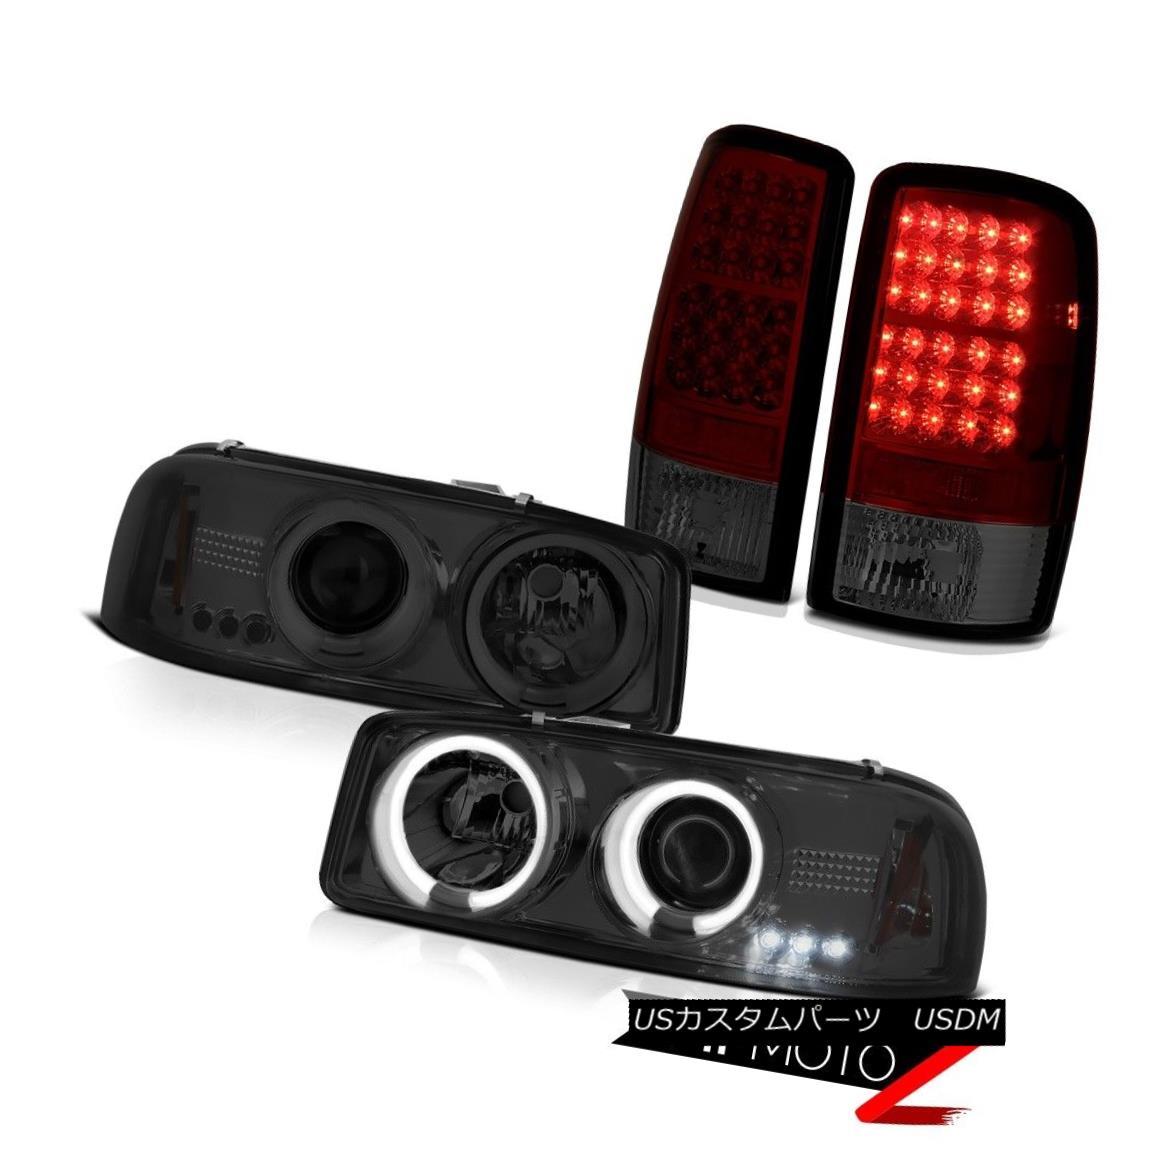 テールライト 00 01 02 03 04 05 06 Yukon Denali Dual CCFL Halo Headlamp Wine Red LED Tail Lamp 00 01 02 03 04 05 06ユーコンデナリデュアルCCFLハローヘッドランプワインレッドLEDテールランプ